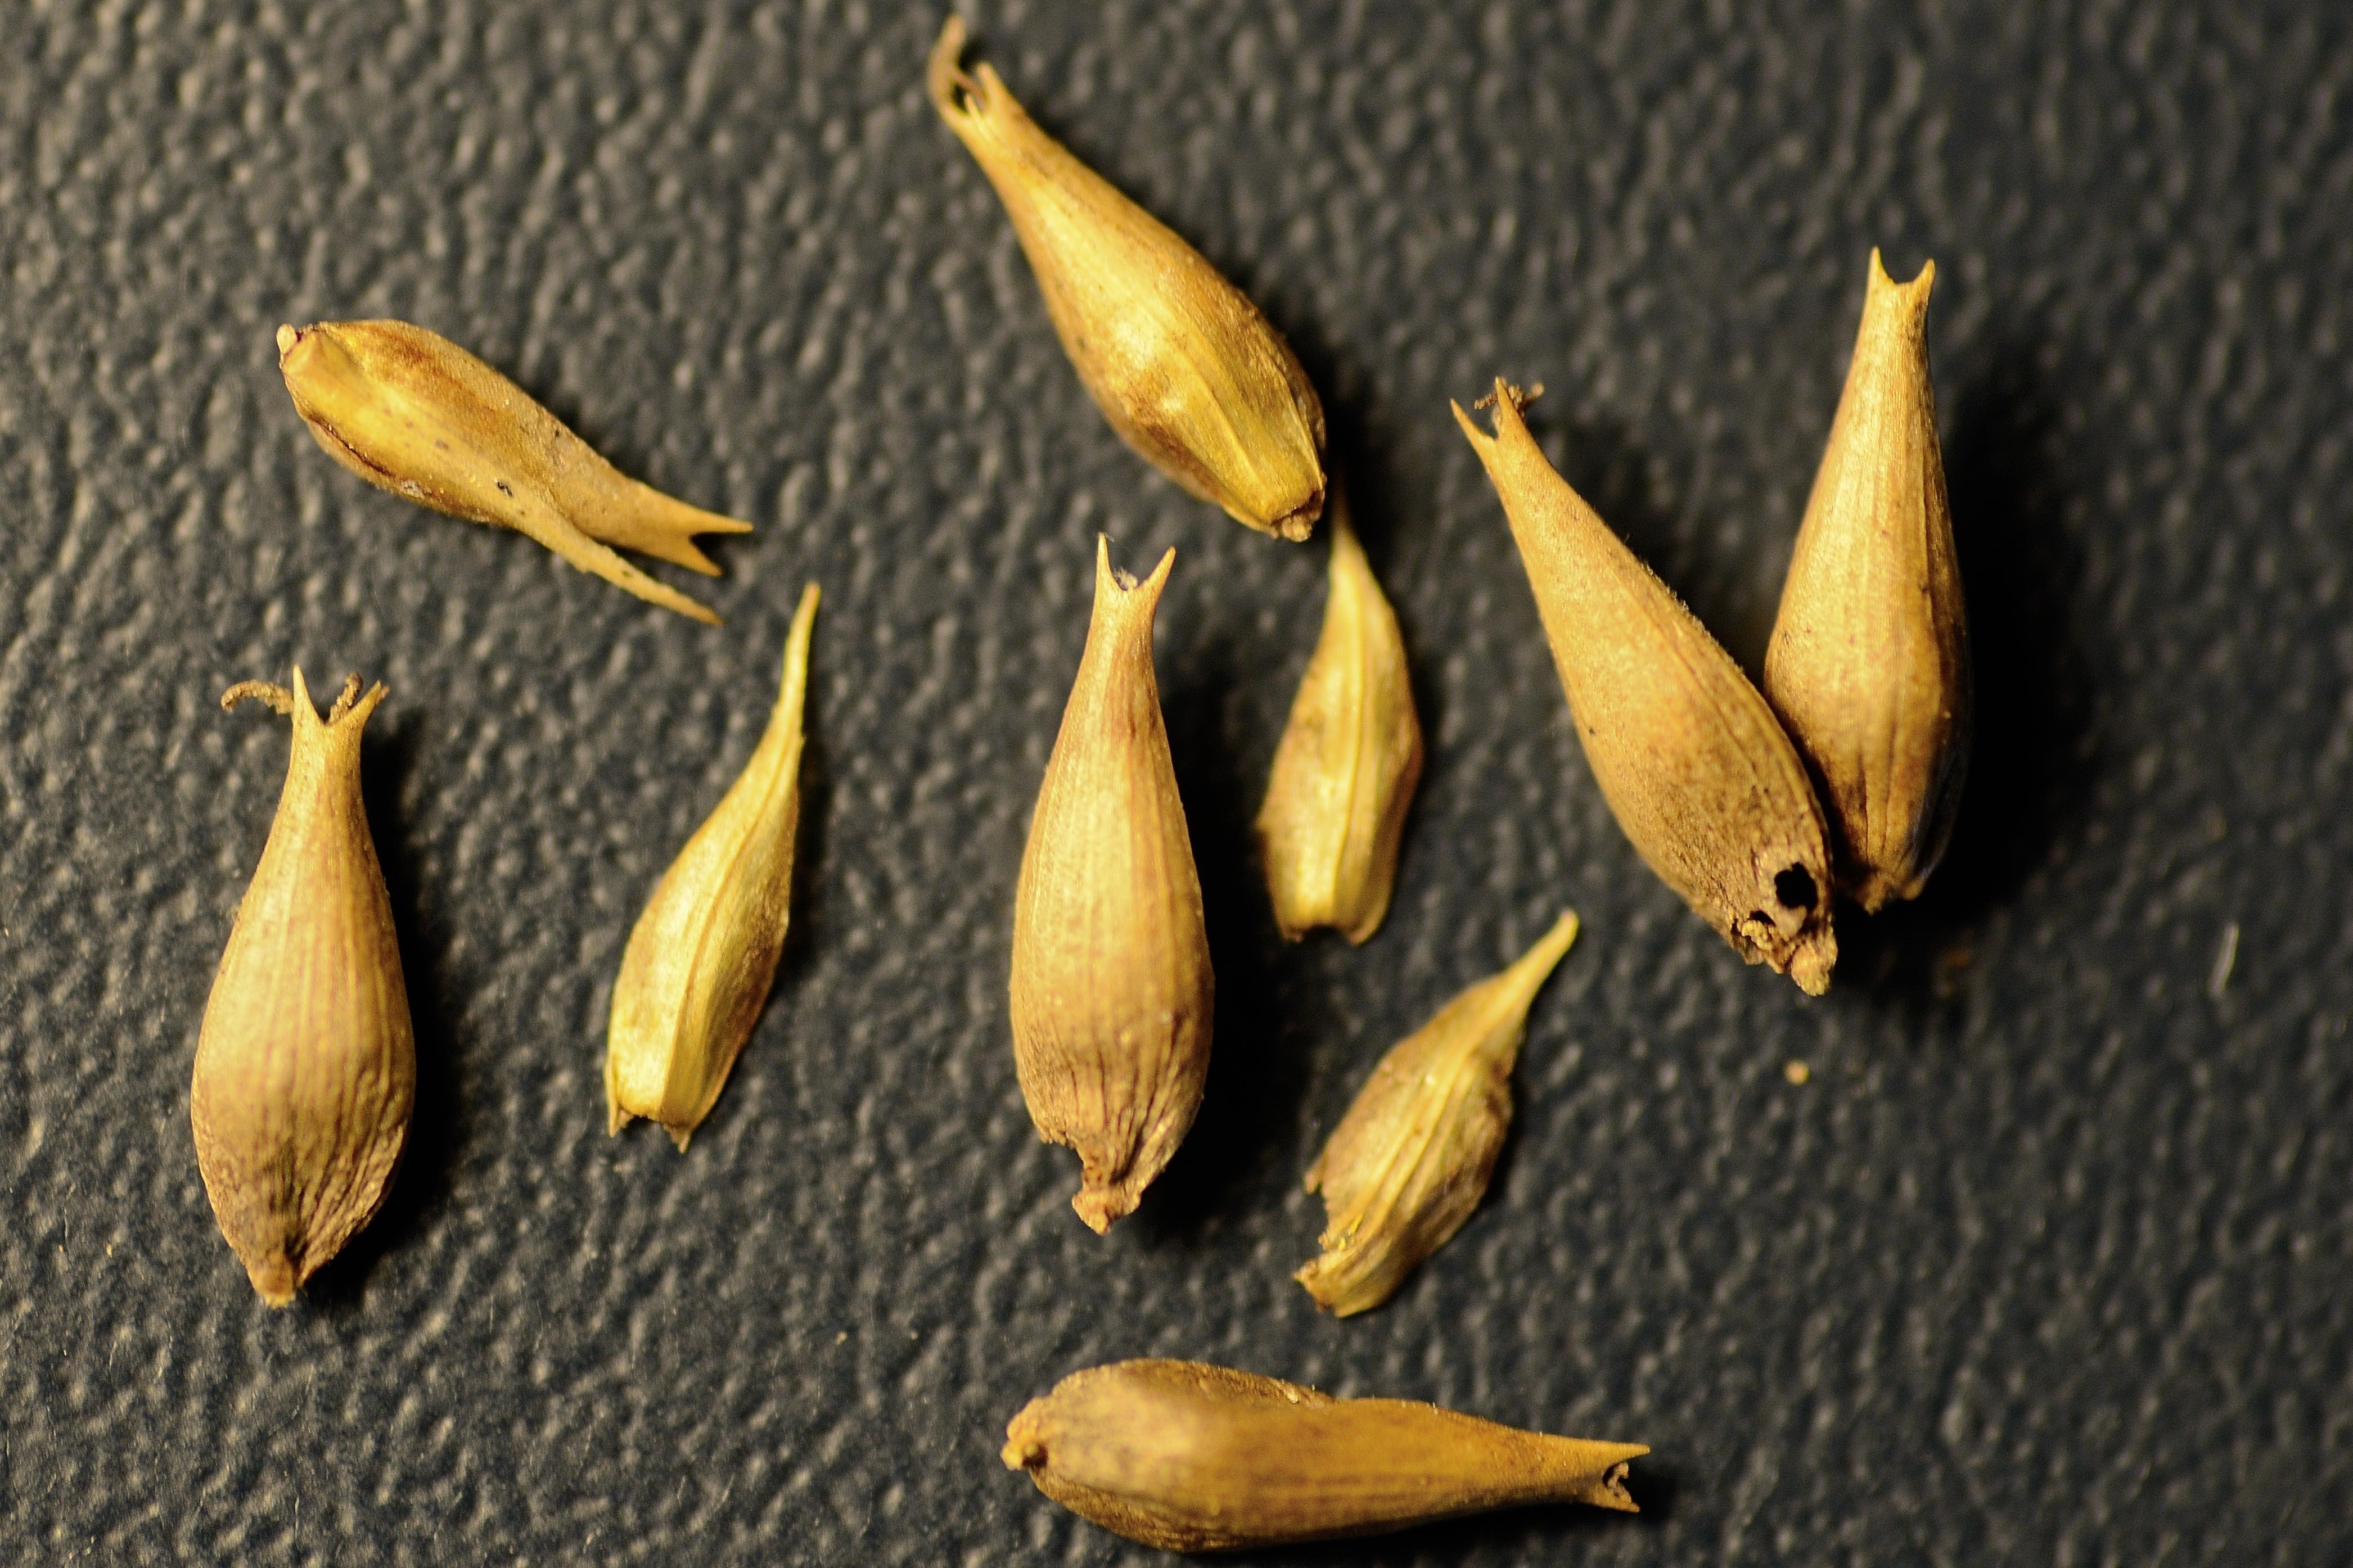 C. lacustris